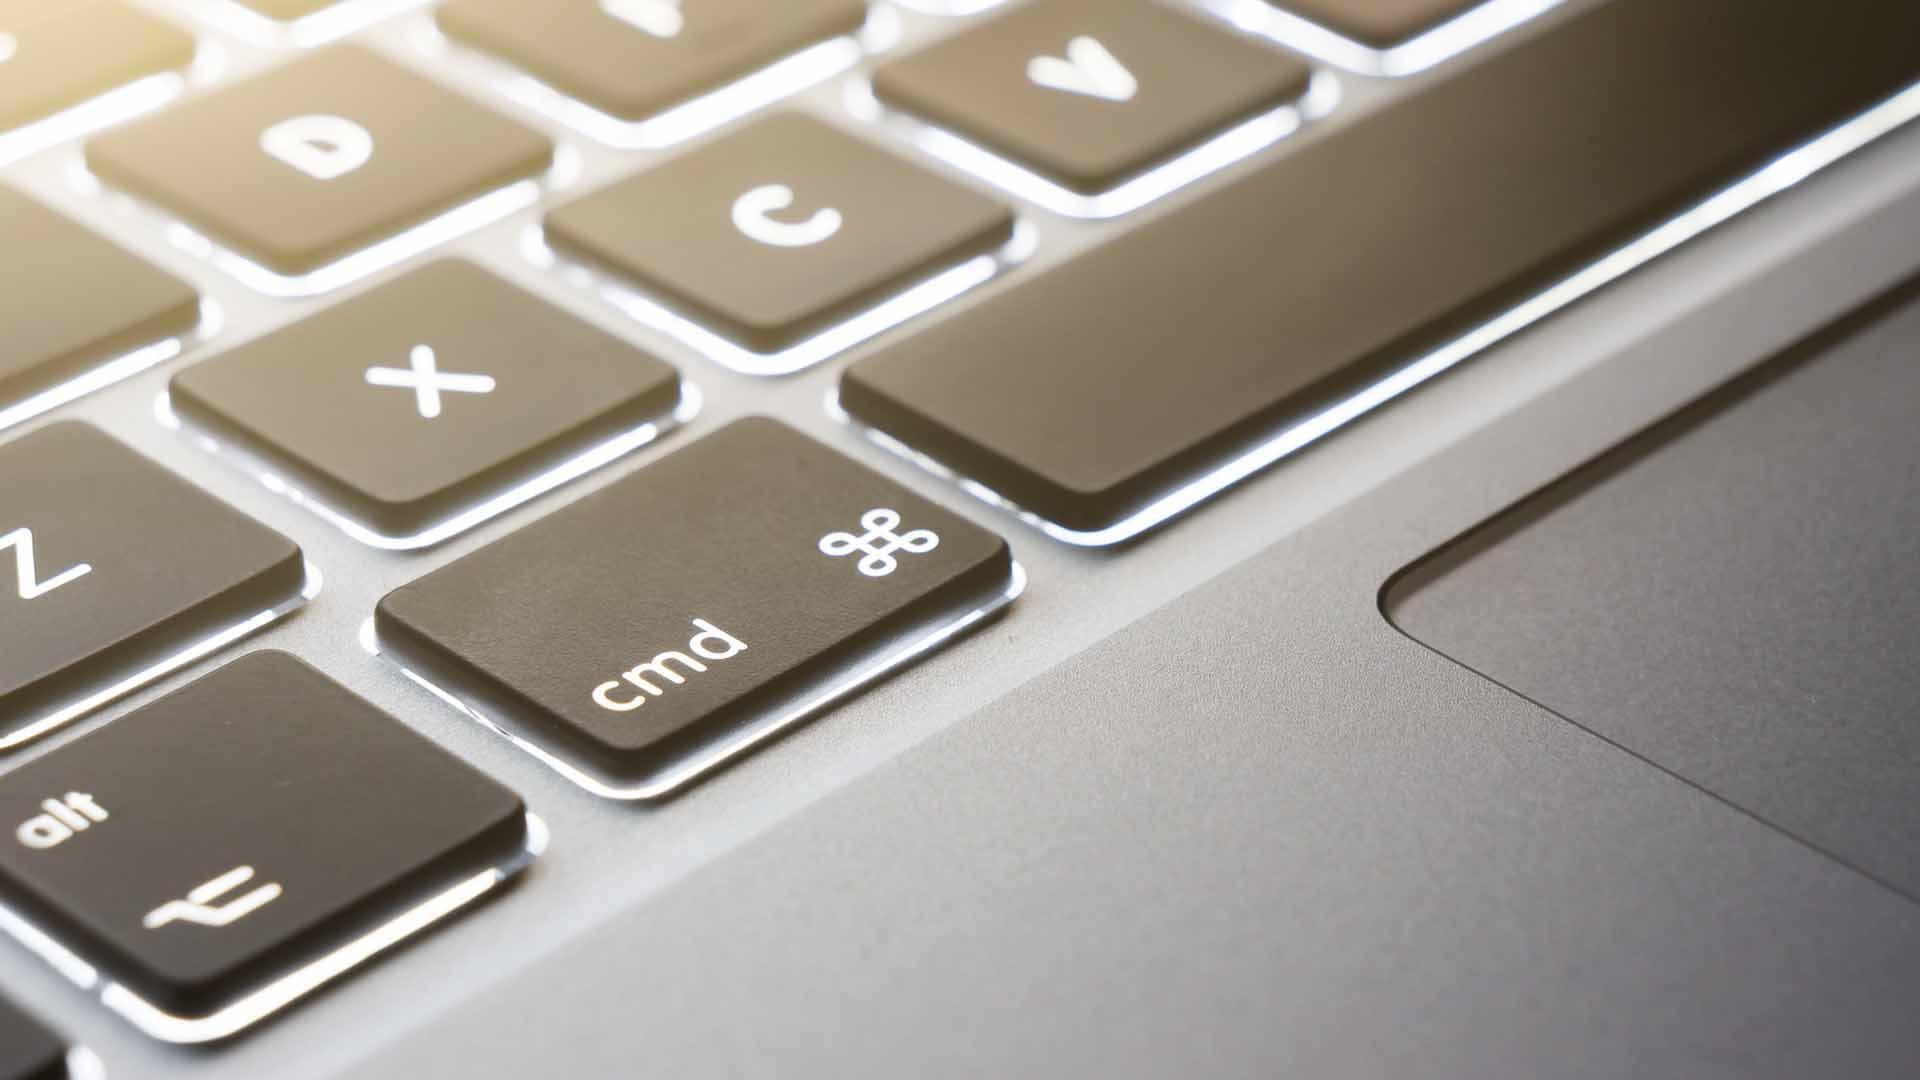 Ремонт кнопок и клавиш MacBook